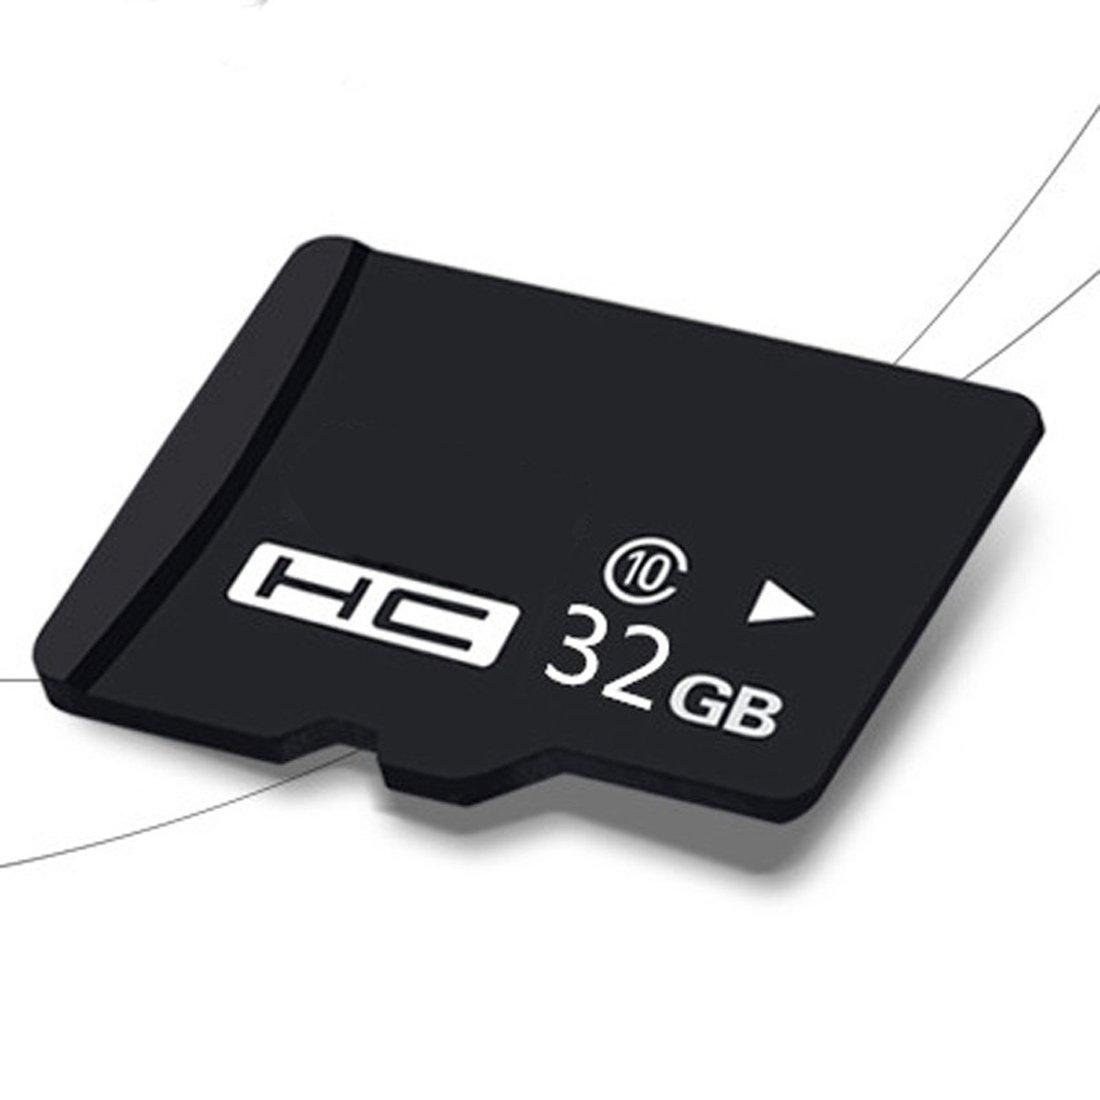 Memoria SD Tarjeta de memoria flash SDHC TF tarjeta Clase 10 con adaptador SD gratuito para smartphones Tablet PC negro 32 GB